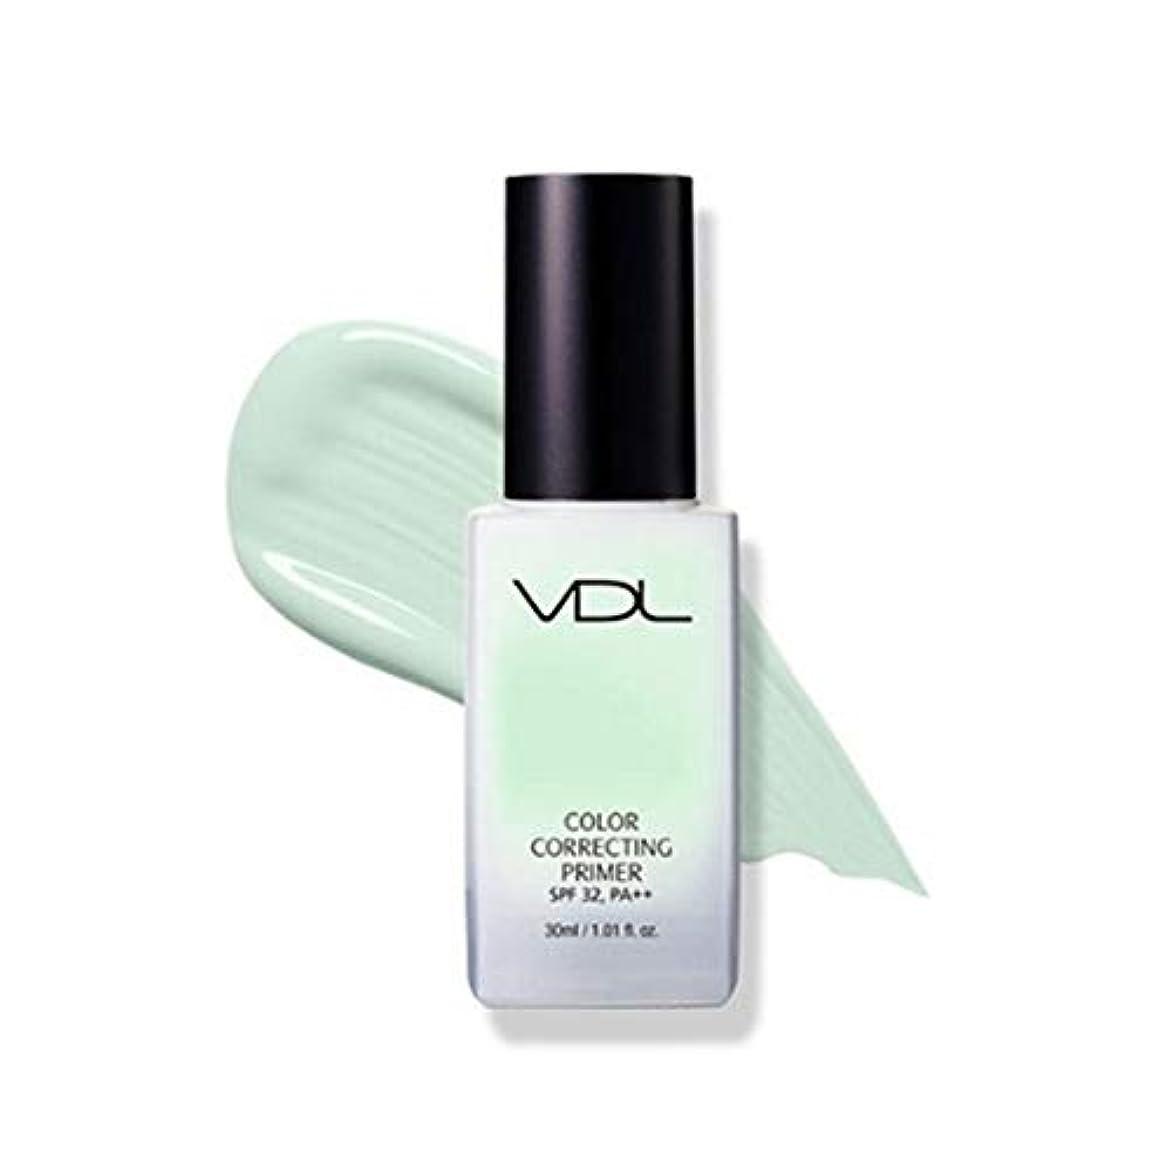 辞書効能繁栄VDLカラーコレクティンプライマー30ml 3カラーメイクアップベース、VDL Color Correcting Primer 30ml 3-Colors Make-up Base [並行輸入品] (Mint)